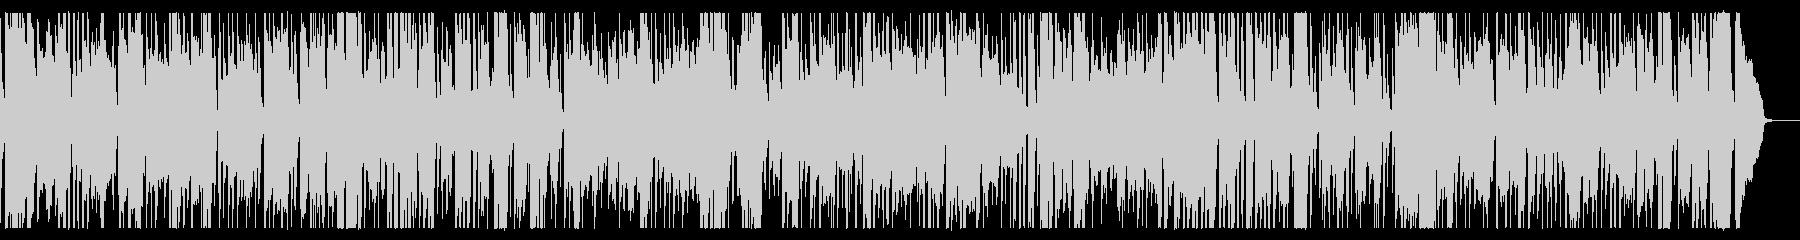 生演奏・豪華ジャズビッグバンド大人BGMの未再生の波形